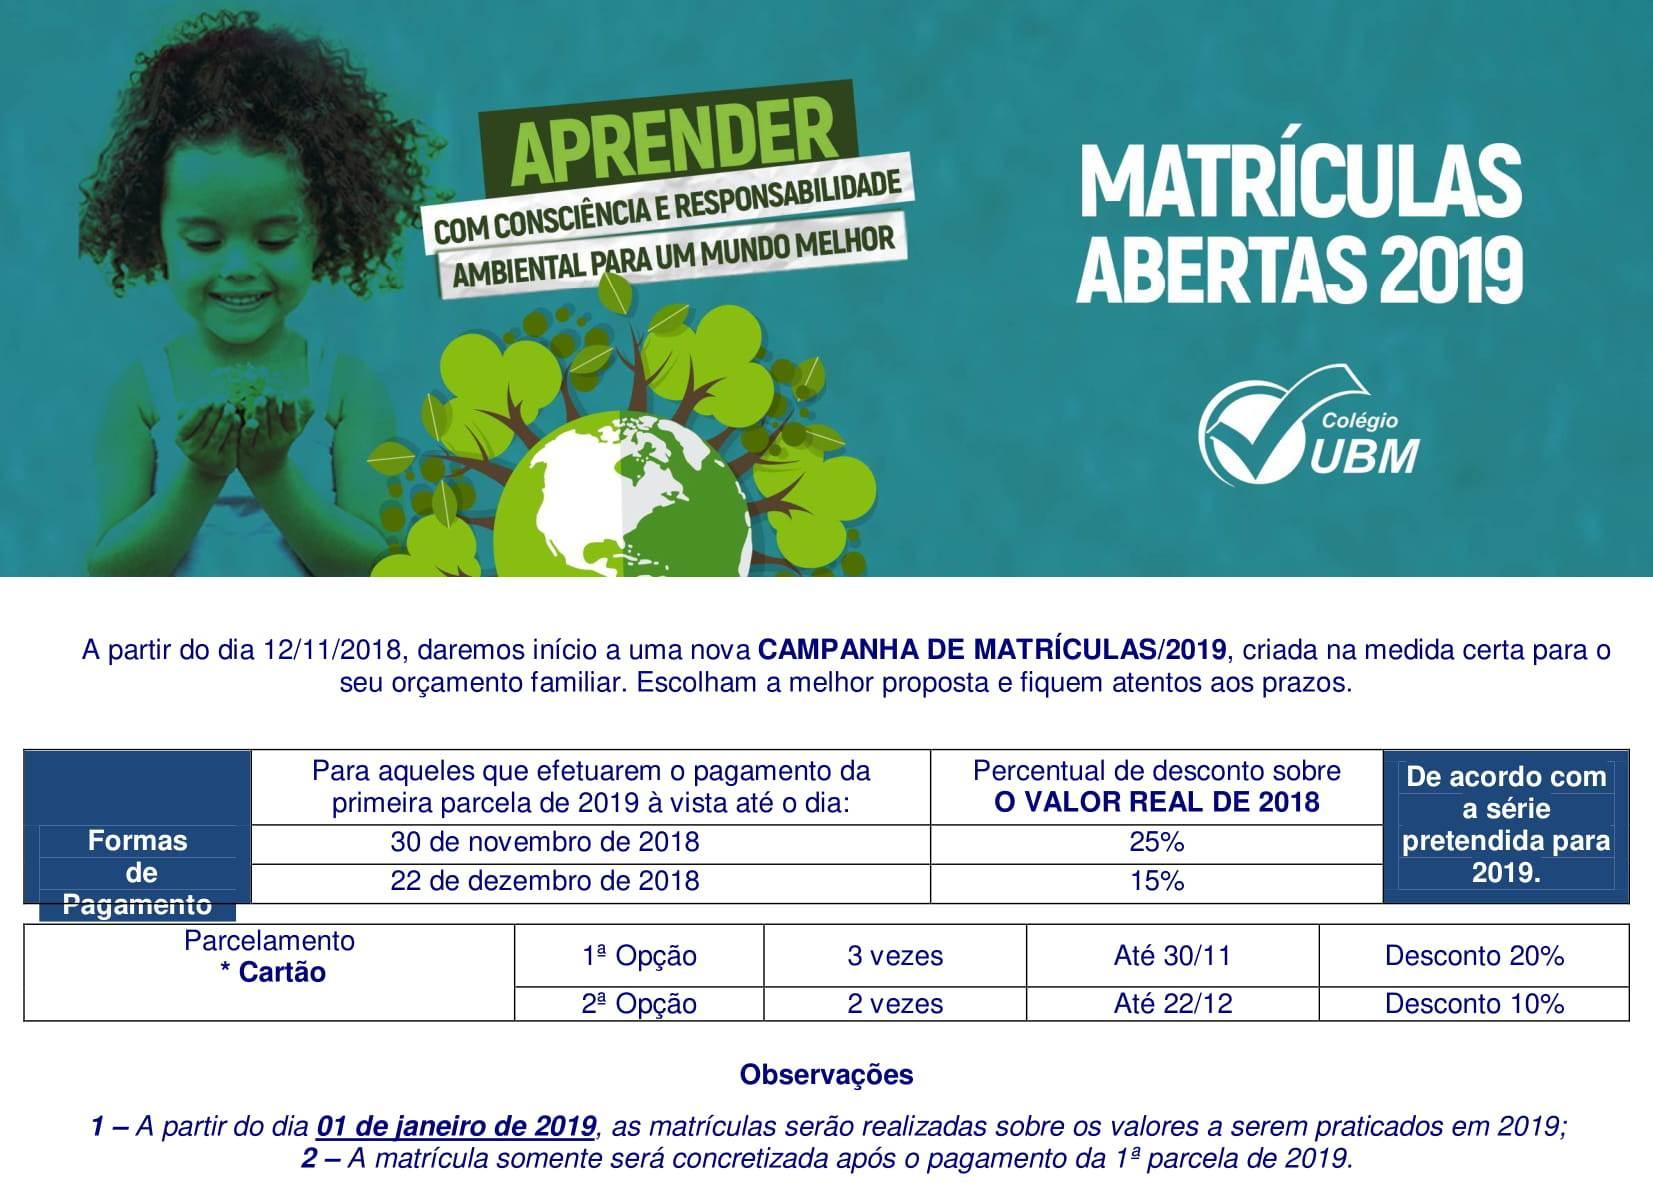 CAMPANHA DE MATR+ìCULAS-2019 -  TEILA-1